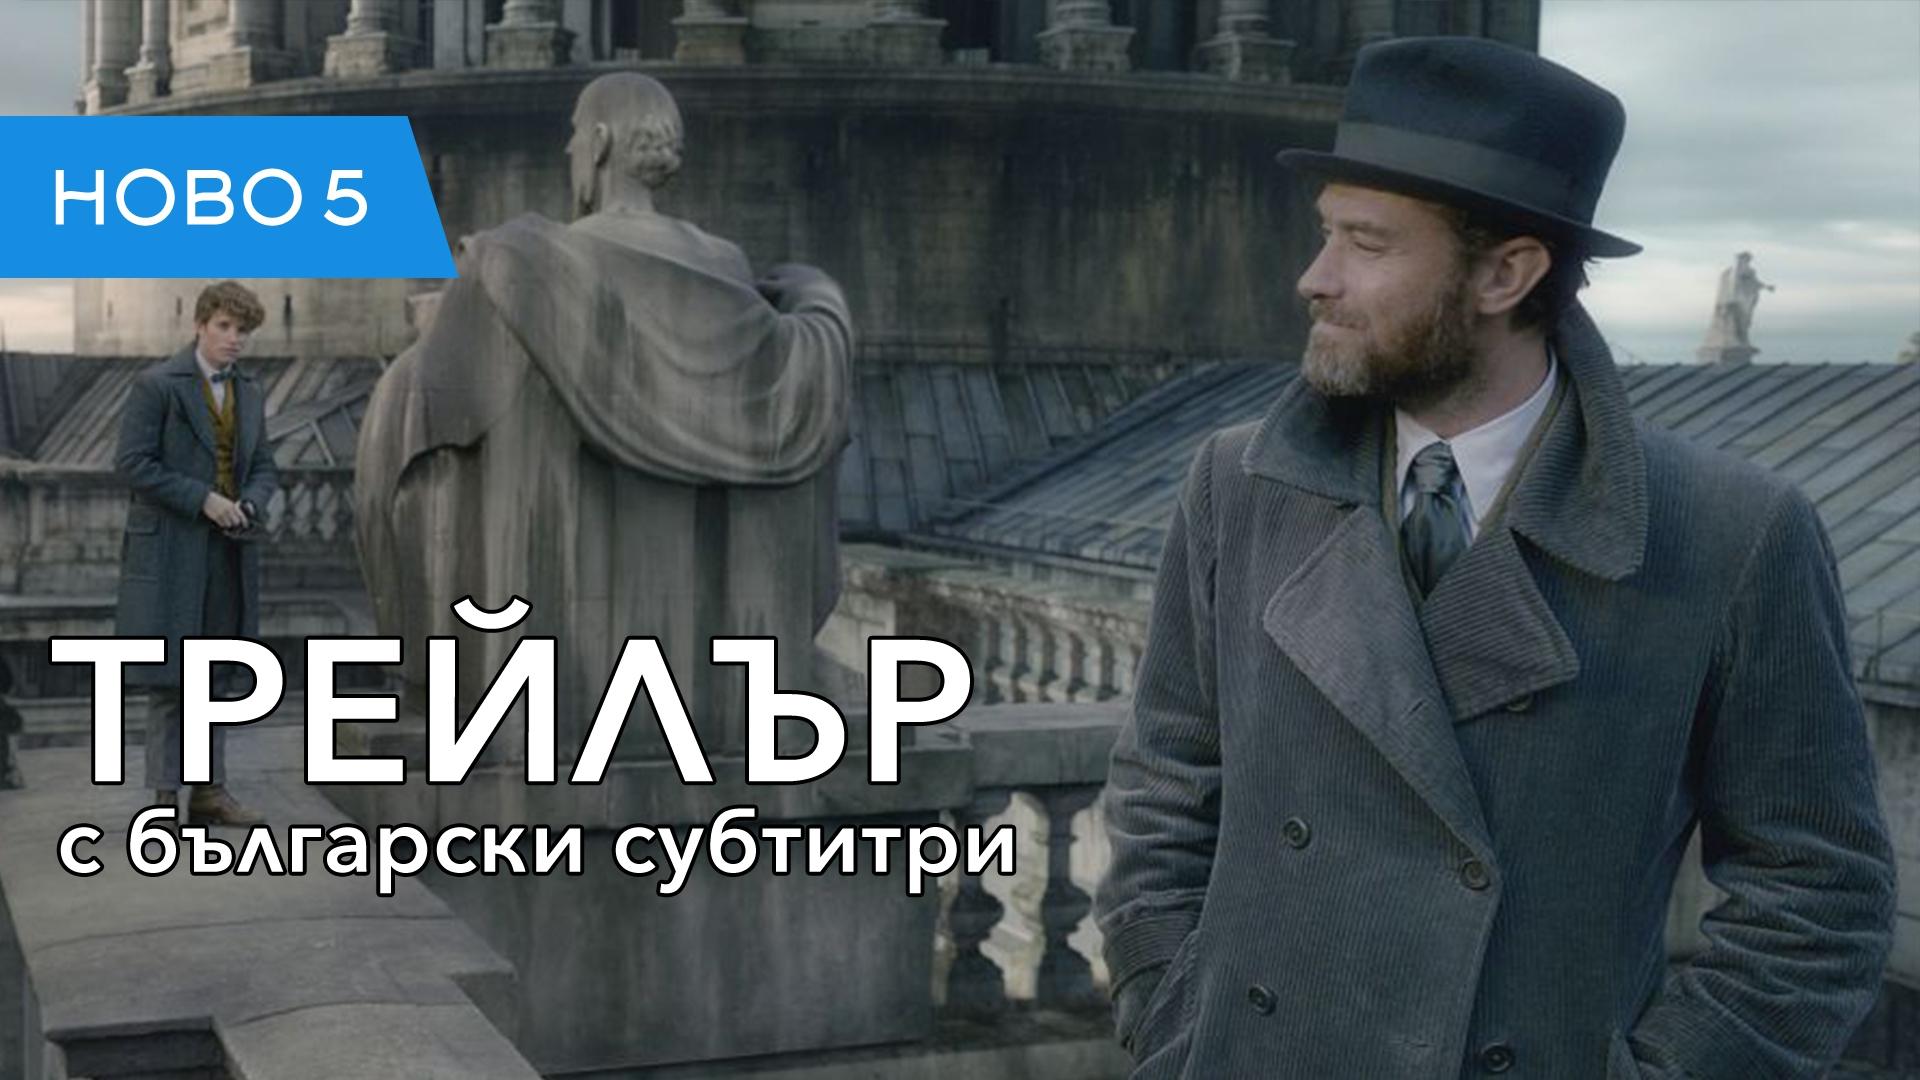 Фантастични животни: Престъпленията на Гринделвалд (2018) финален трейлър с български субтитри